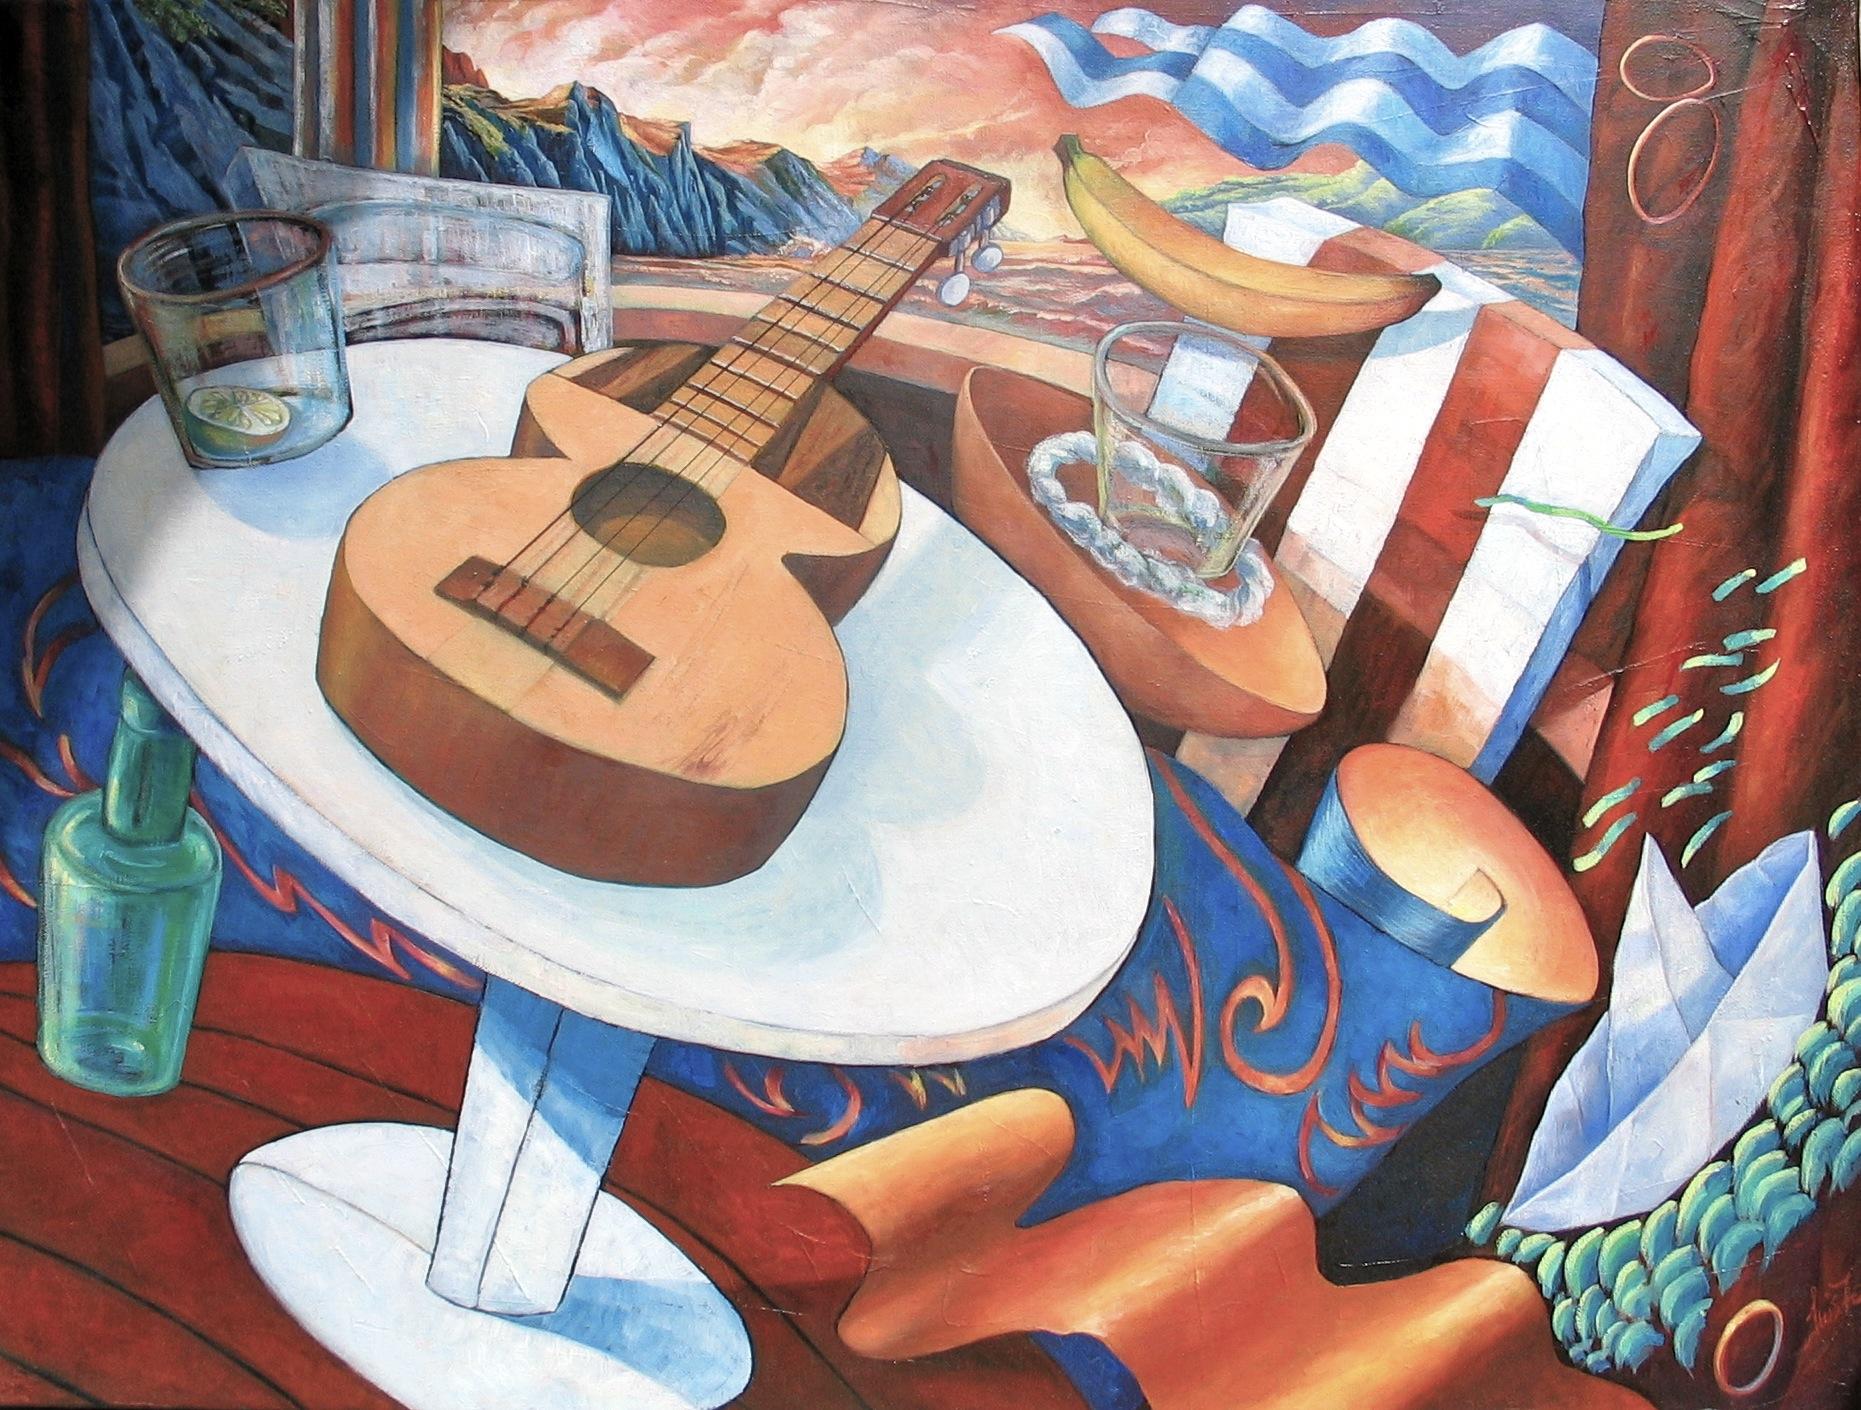 El cuatro (2000) - Luis Pannier Fraino